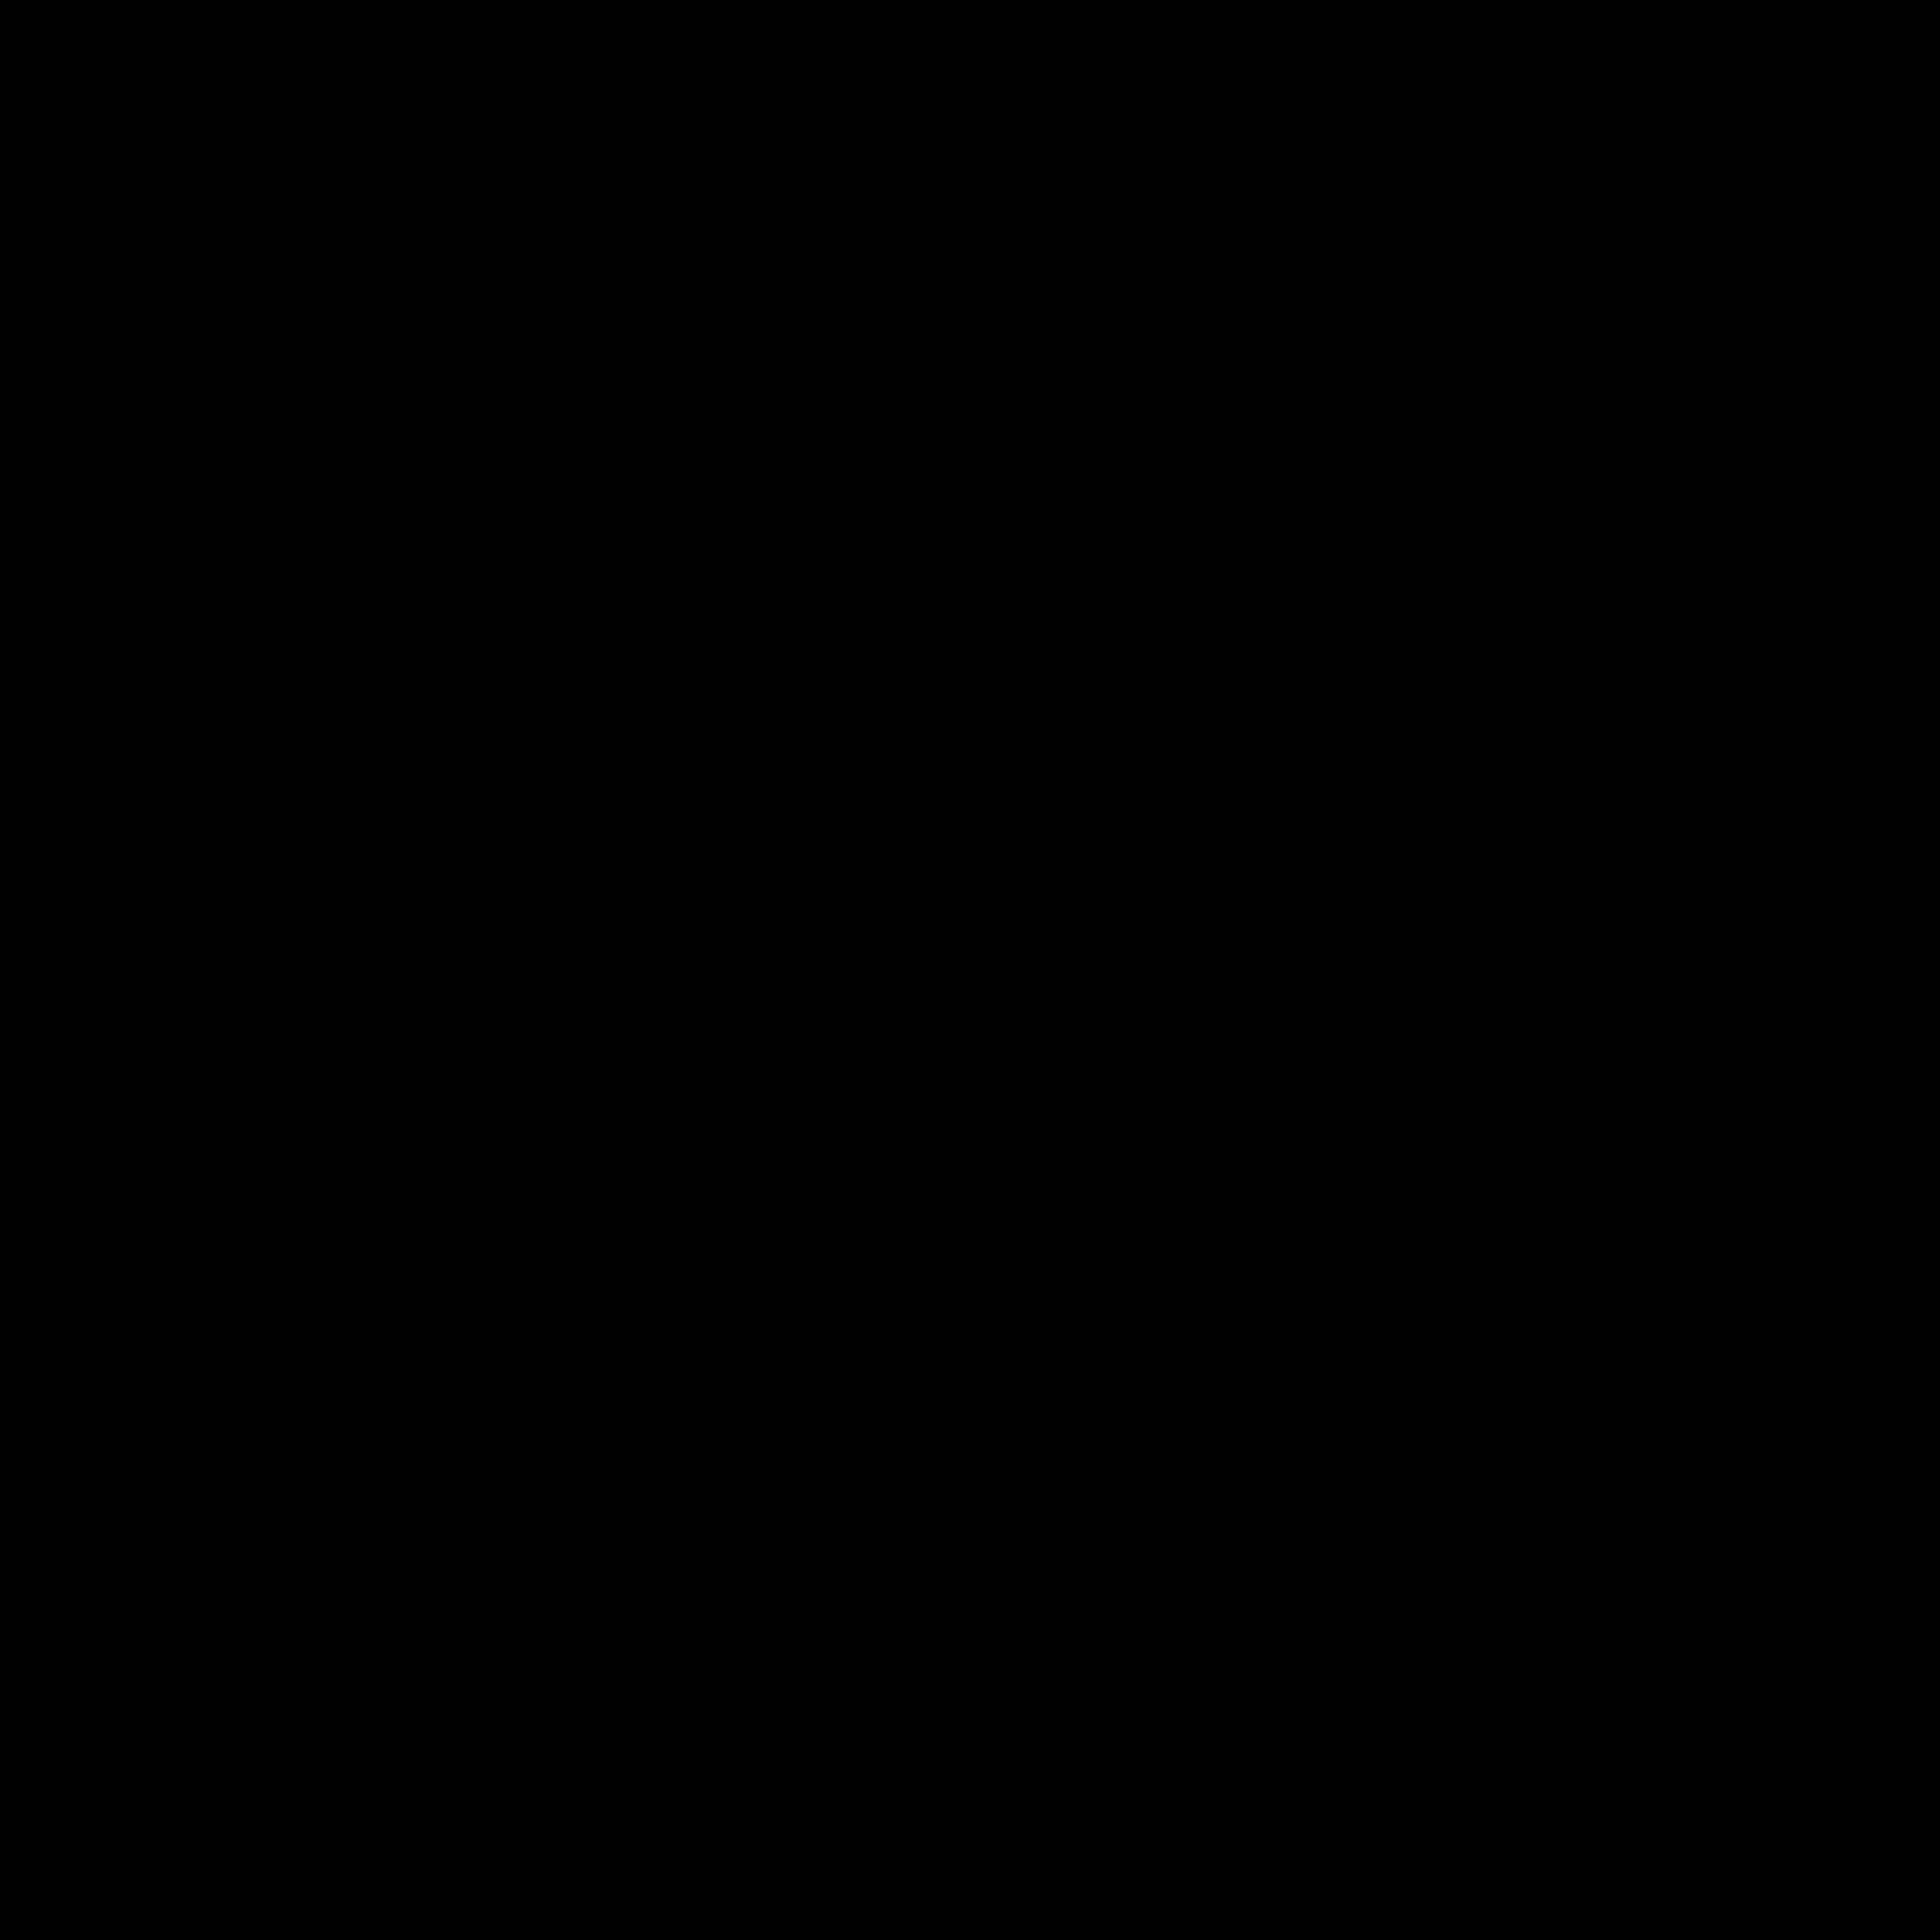 VP Logo PNG Transparent & SVG Vector.